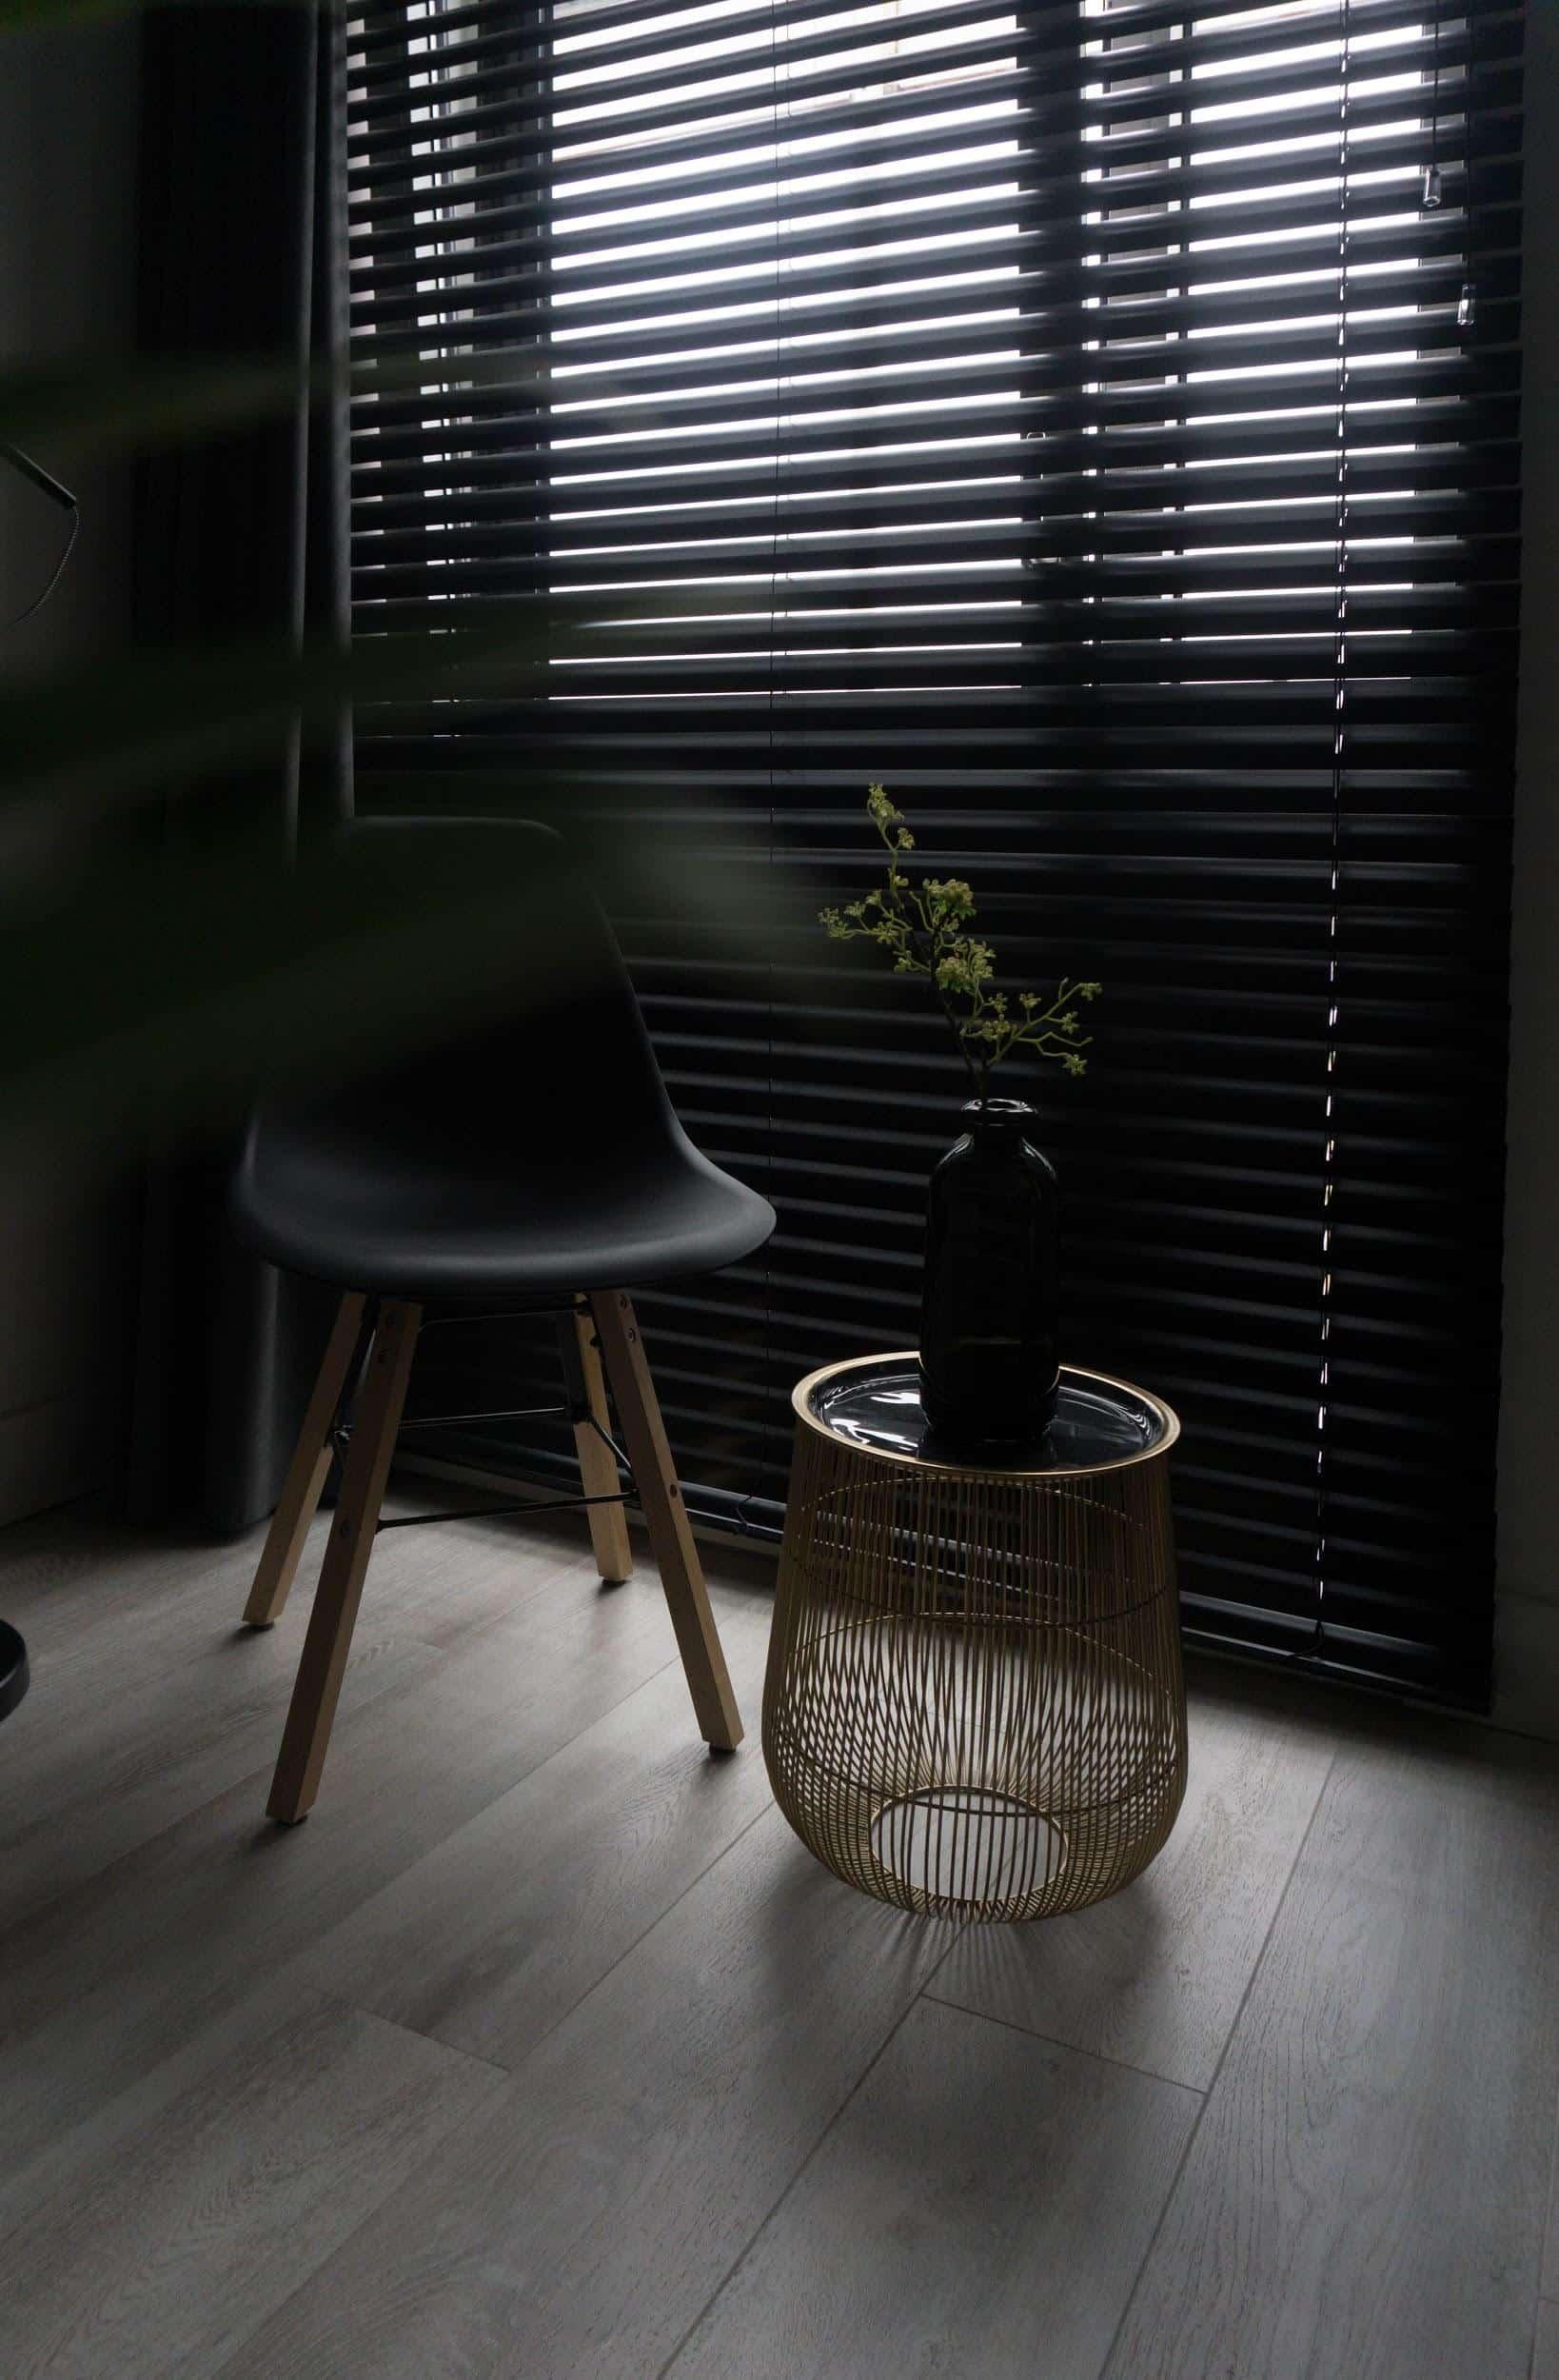 Comment choisir les stores ou les rideaux appropriés pour votre intérieur ?